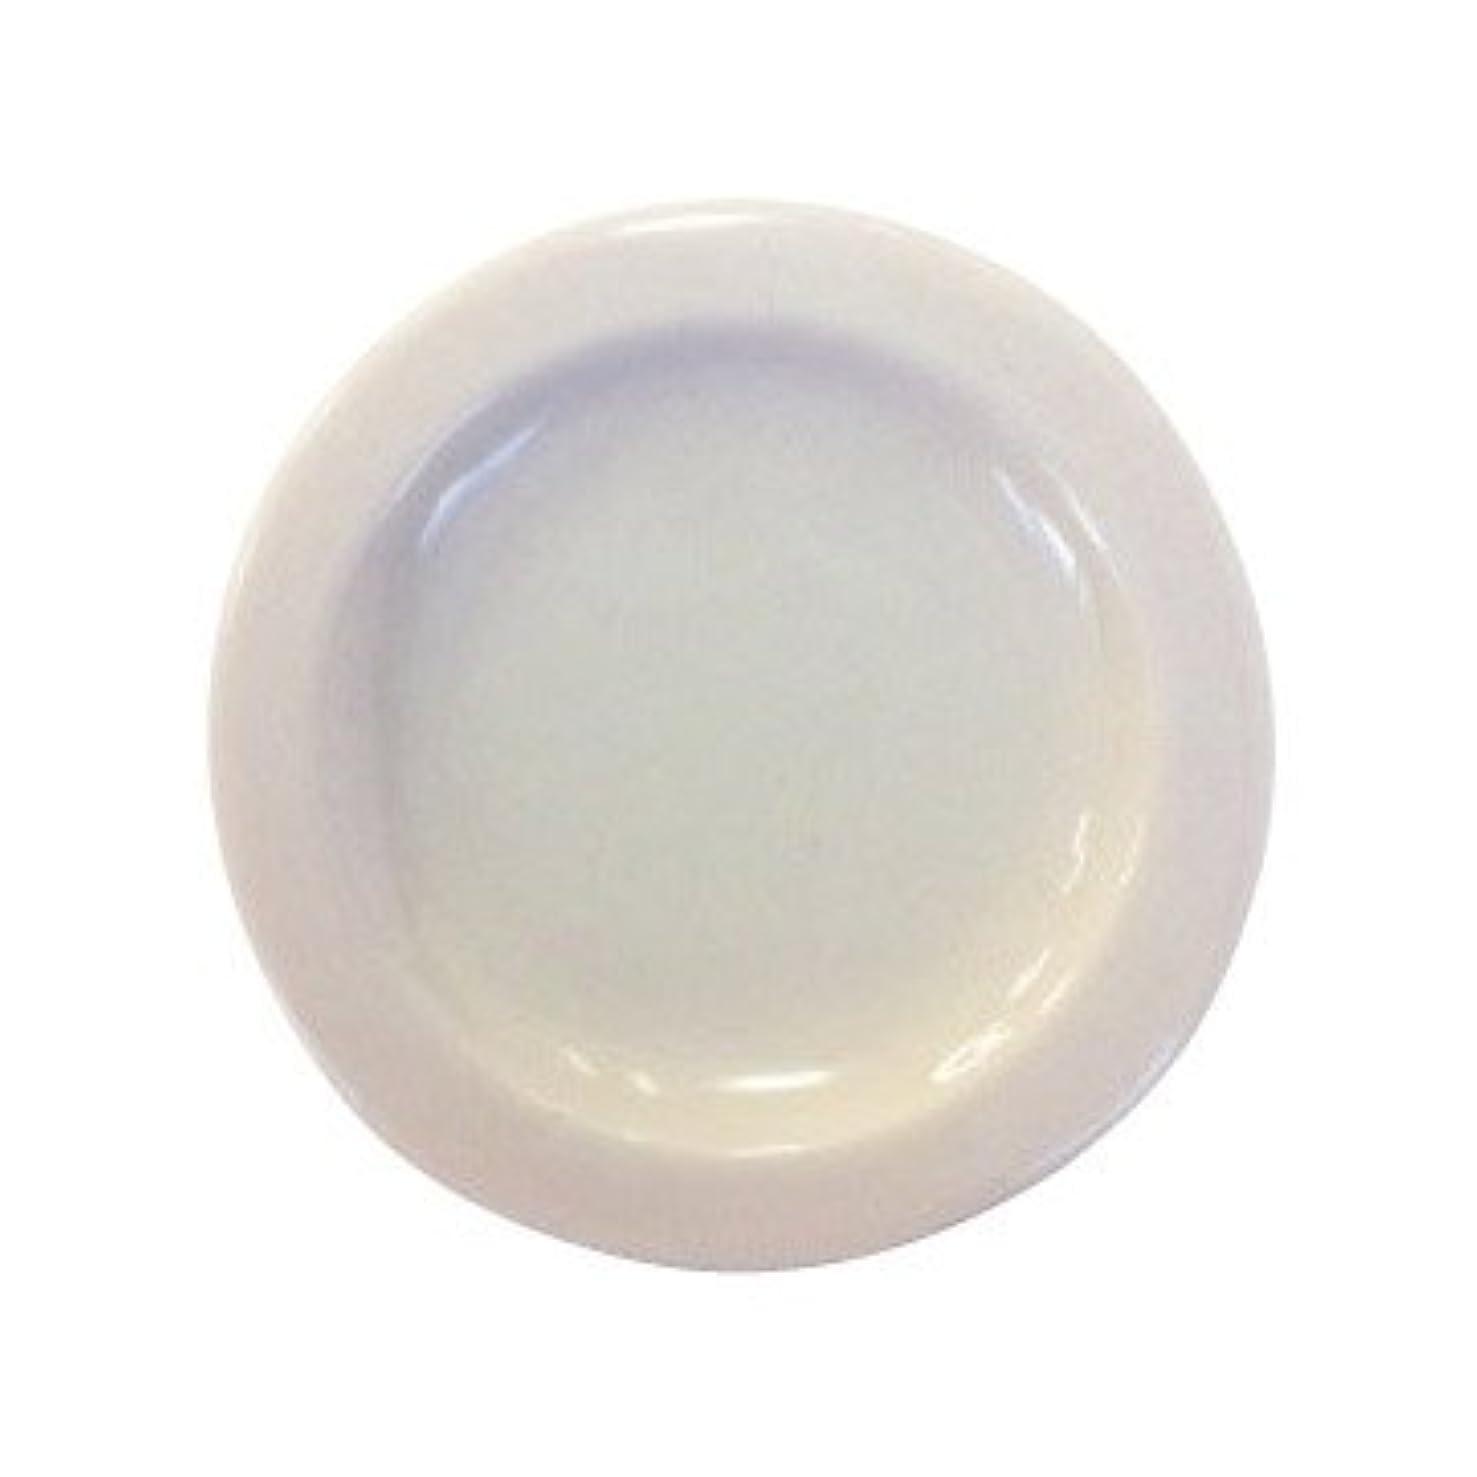 実験室描写忌まわしいアロマランプMローズ用 天面精油皿